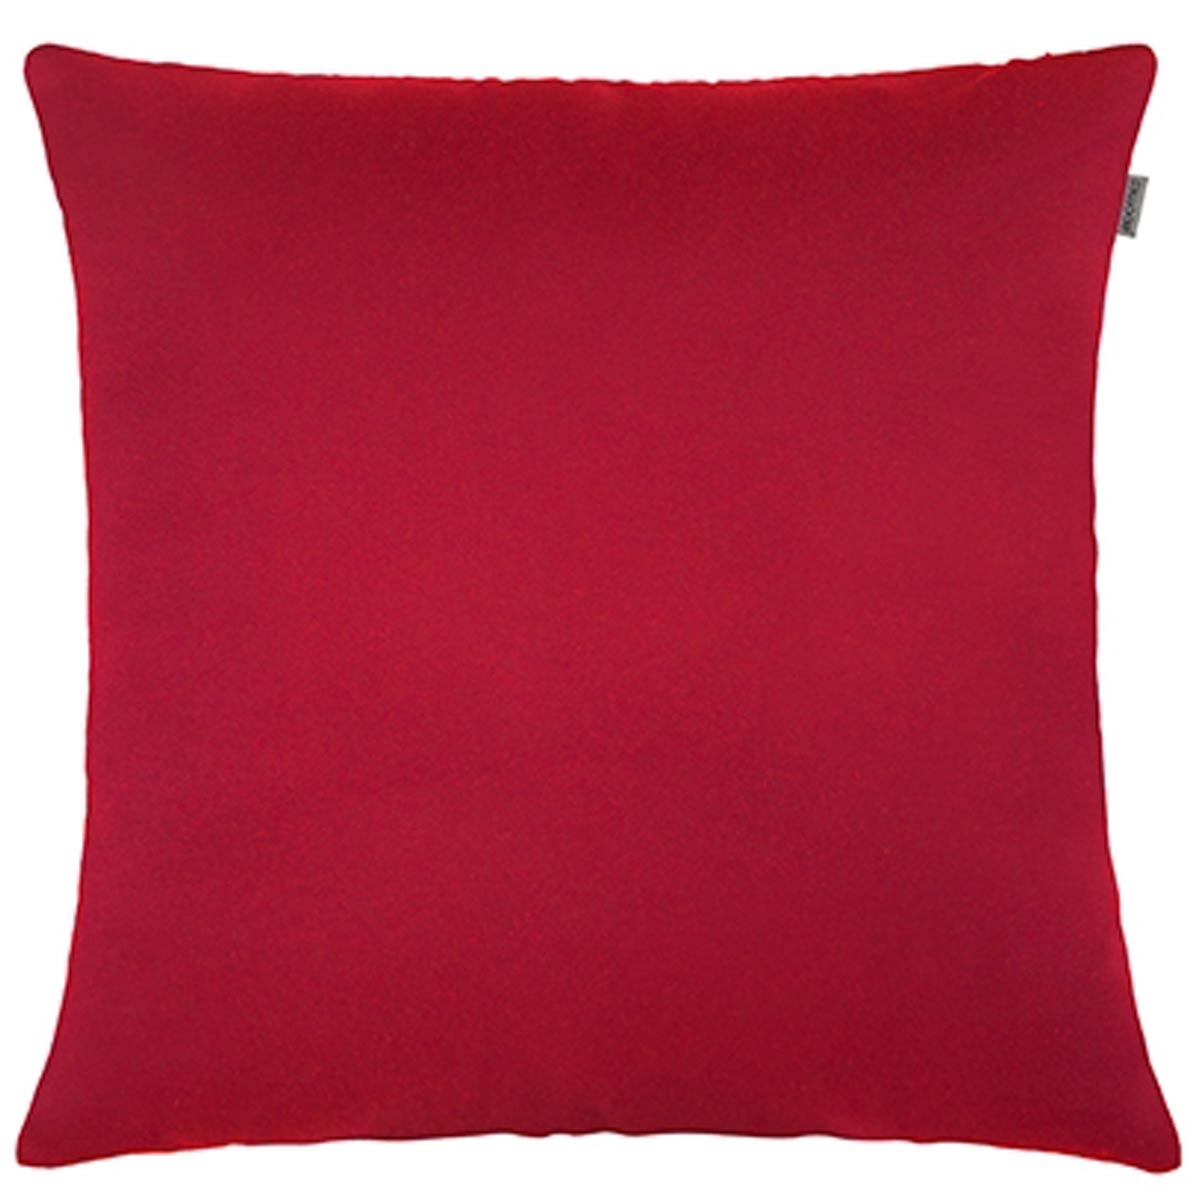 Capa P/ Almofada Jacquard Liso 45cm X 45cm Vermelho Adomes